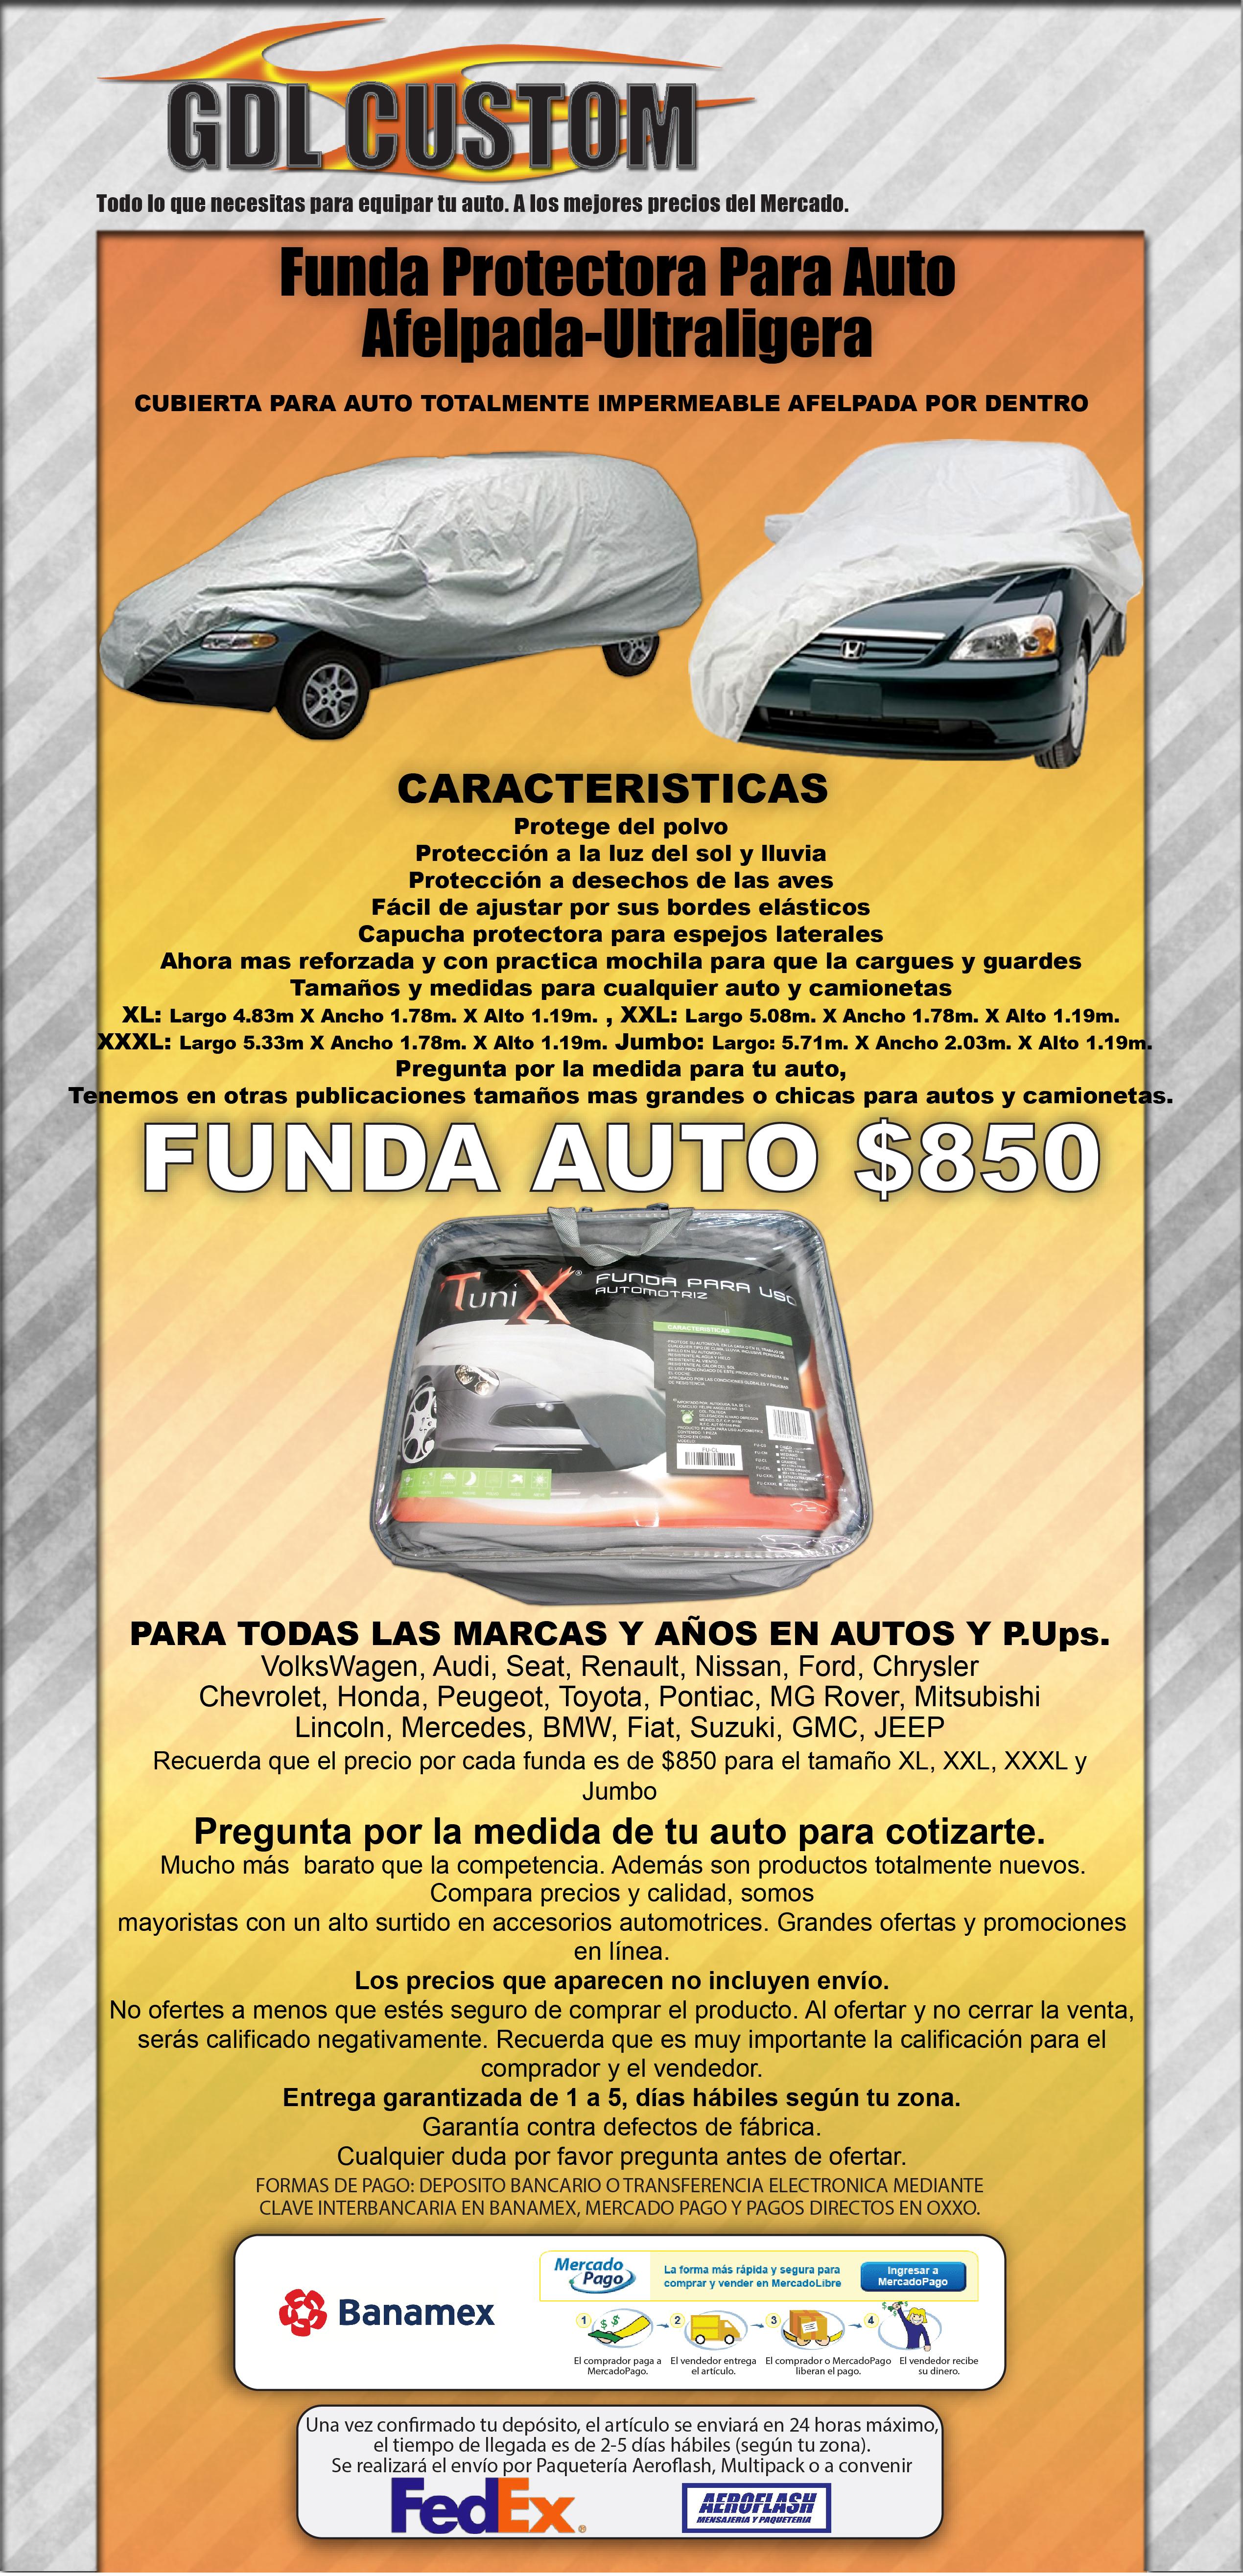 Funda protectora para auto afelpada ultraligera extra grande 890 bz6tw precio d m xico - Fundas para auto ...